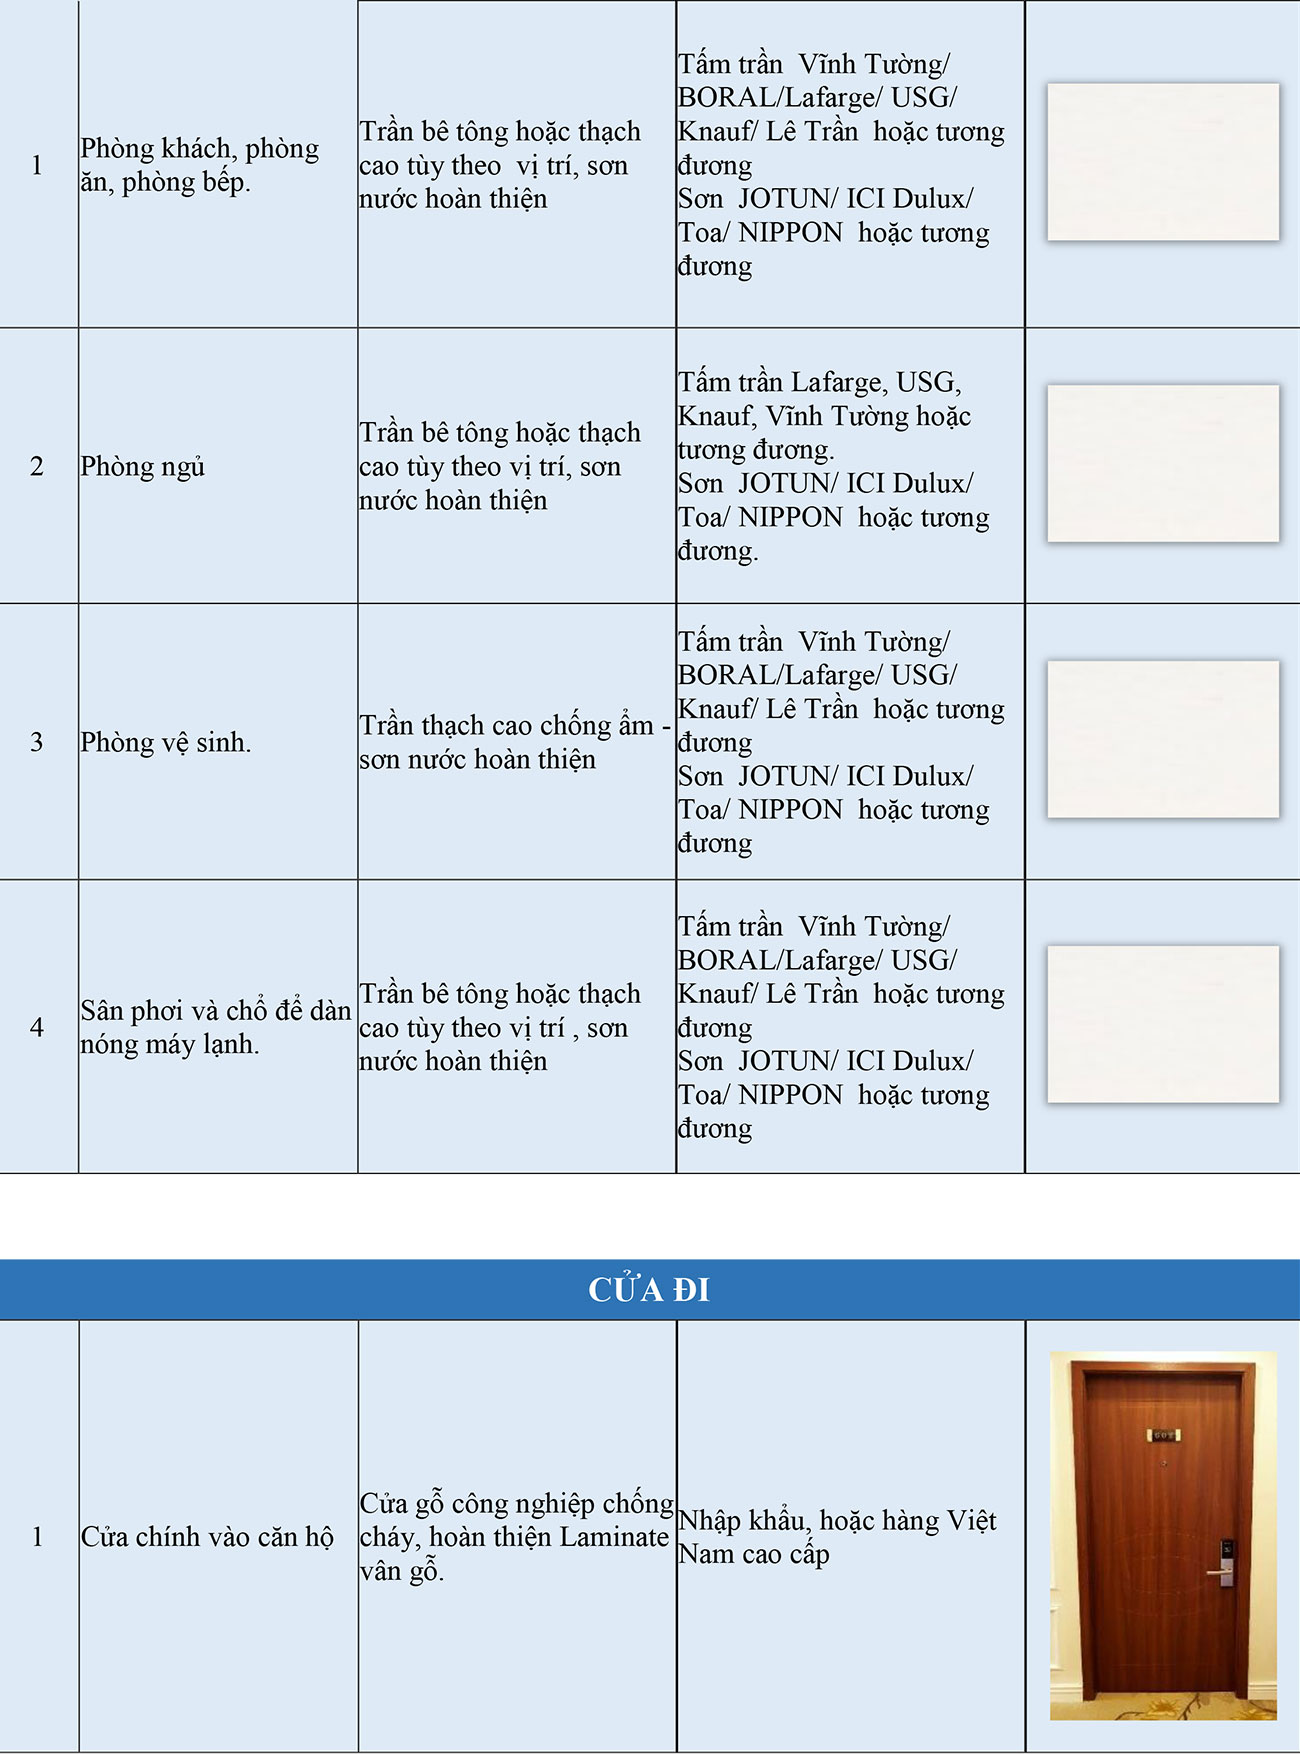 Nội thất dự án căn hộ chung cư ST Moritz Thu Duc Đường Phạm Văn Đồng chủ đầu tư Đất Xanh